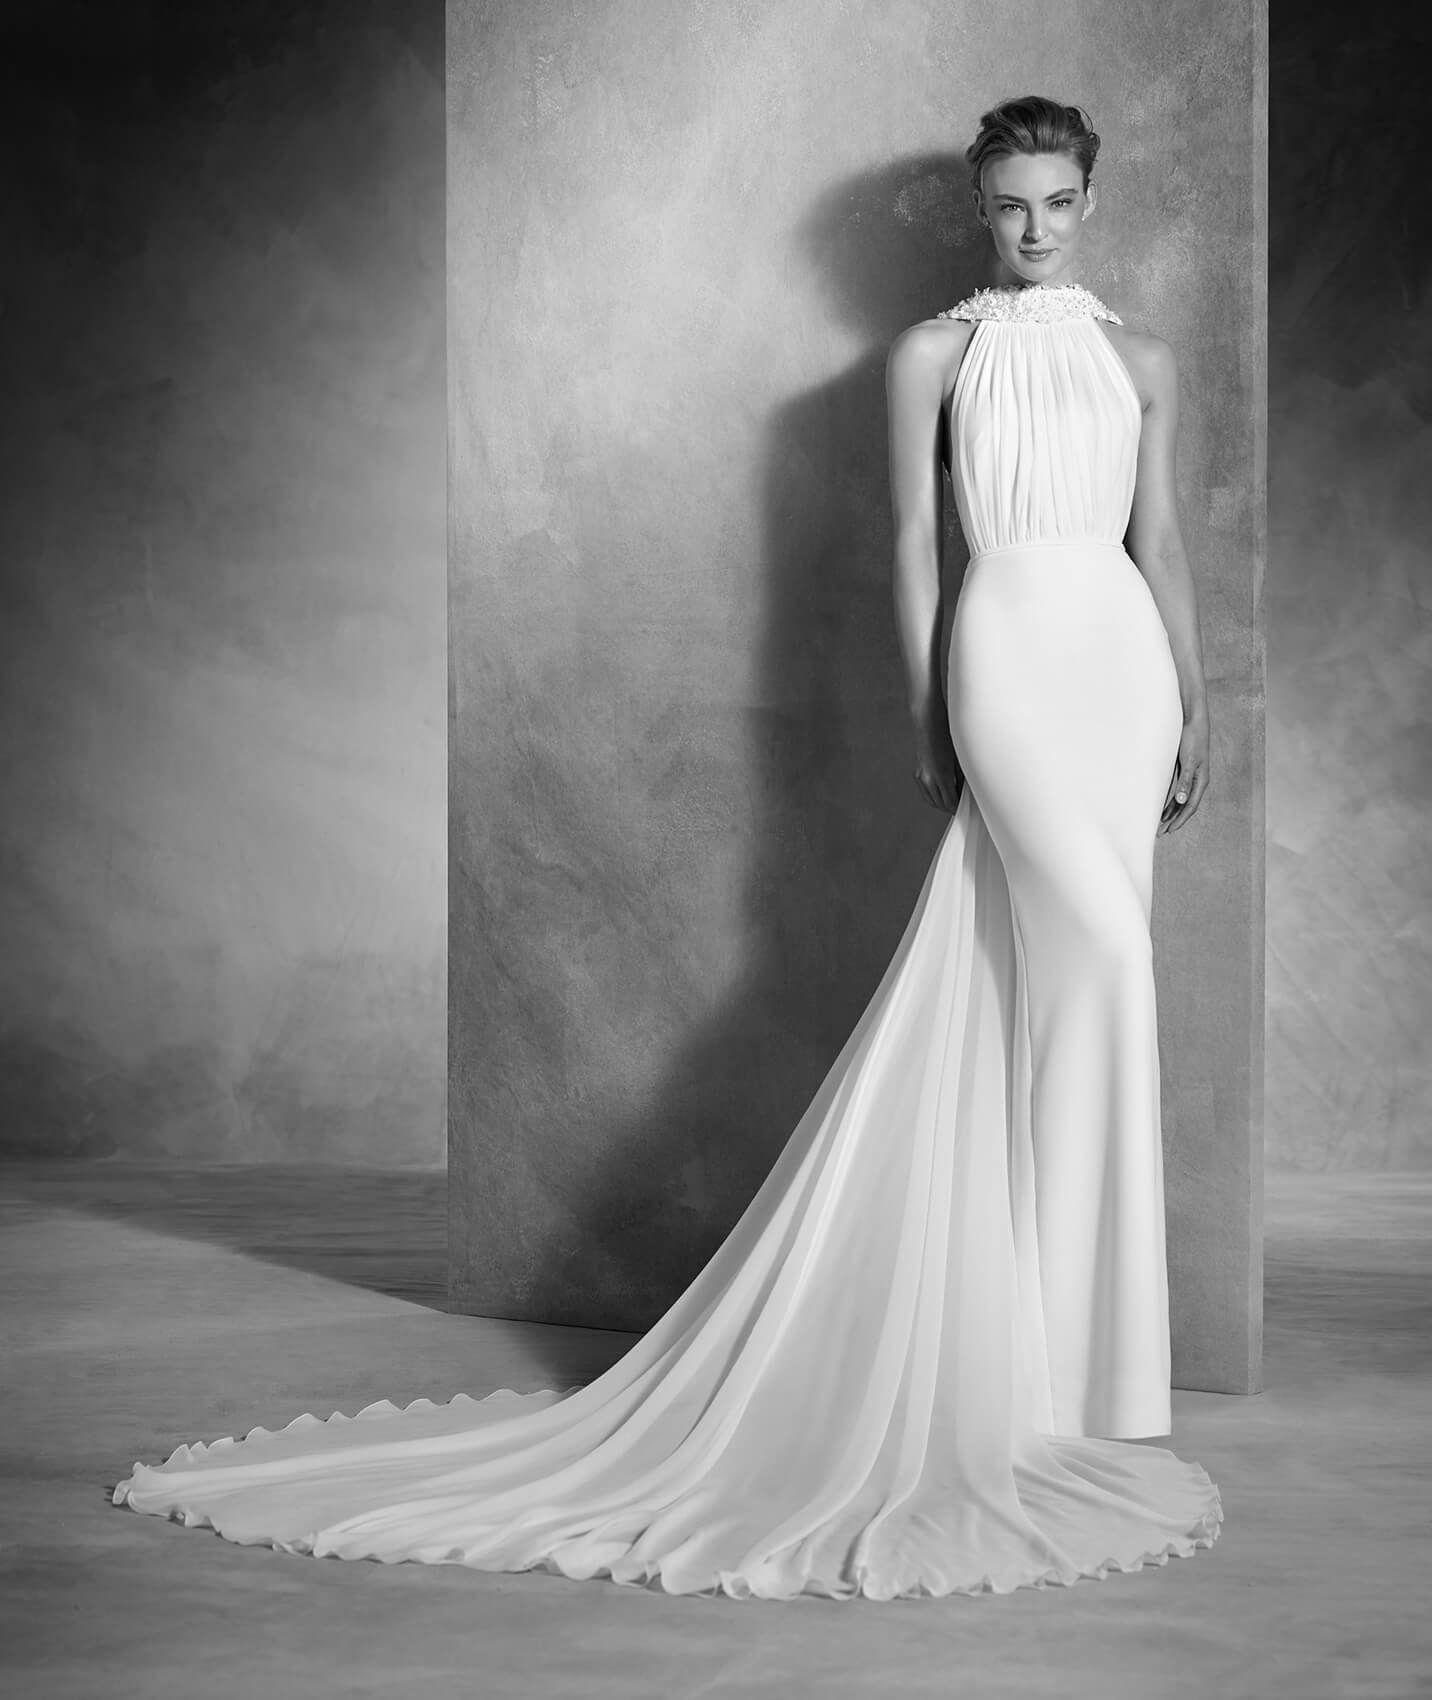 vestido de novia de pronovias noemi colecci n atelier corte recto escote vestidos de. Black Bedroom Furniture Sets. Home Design Ideas